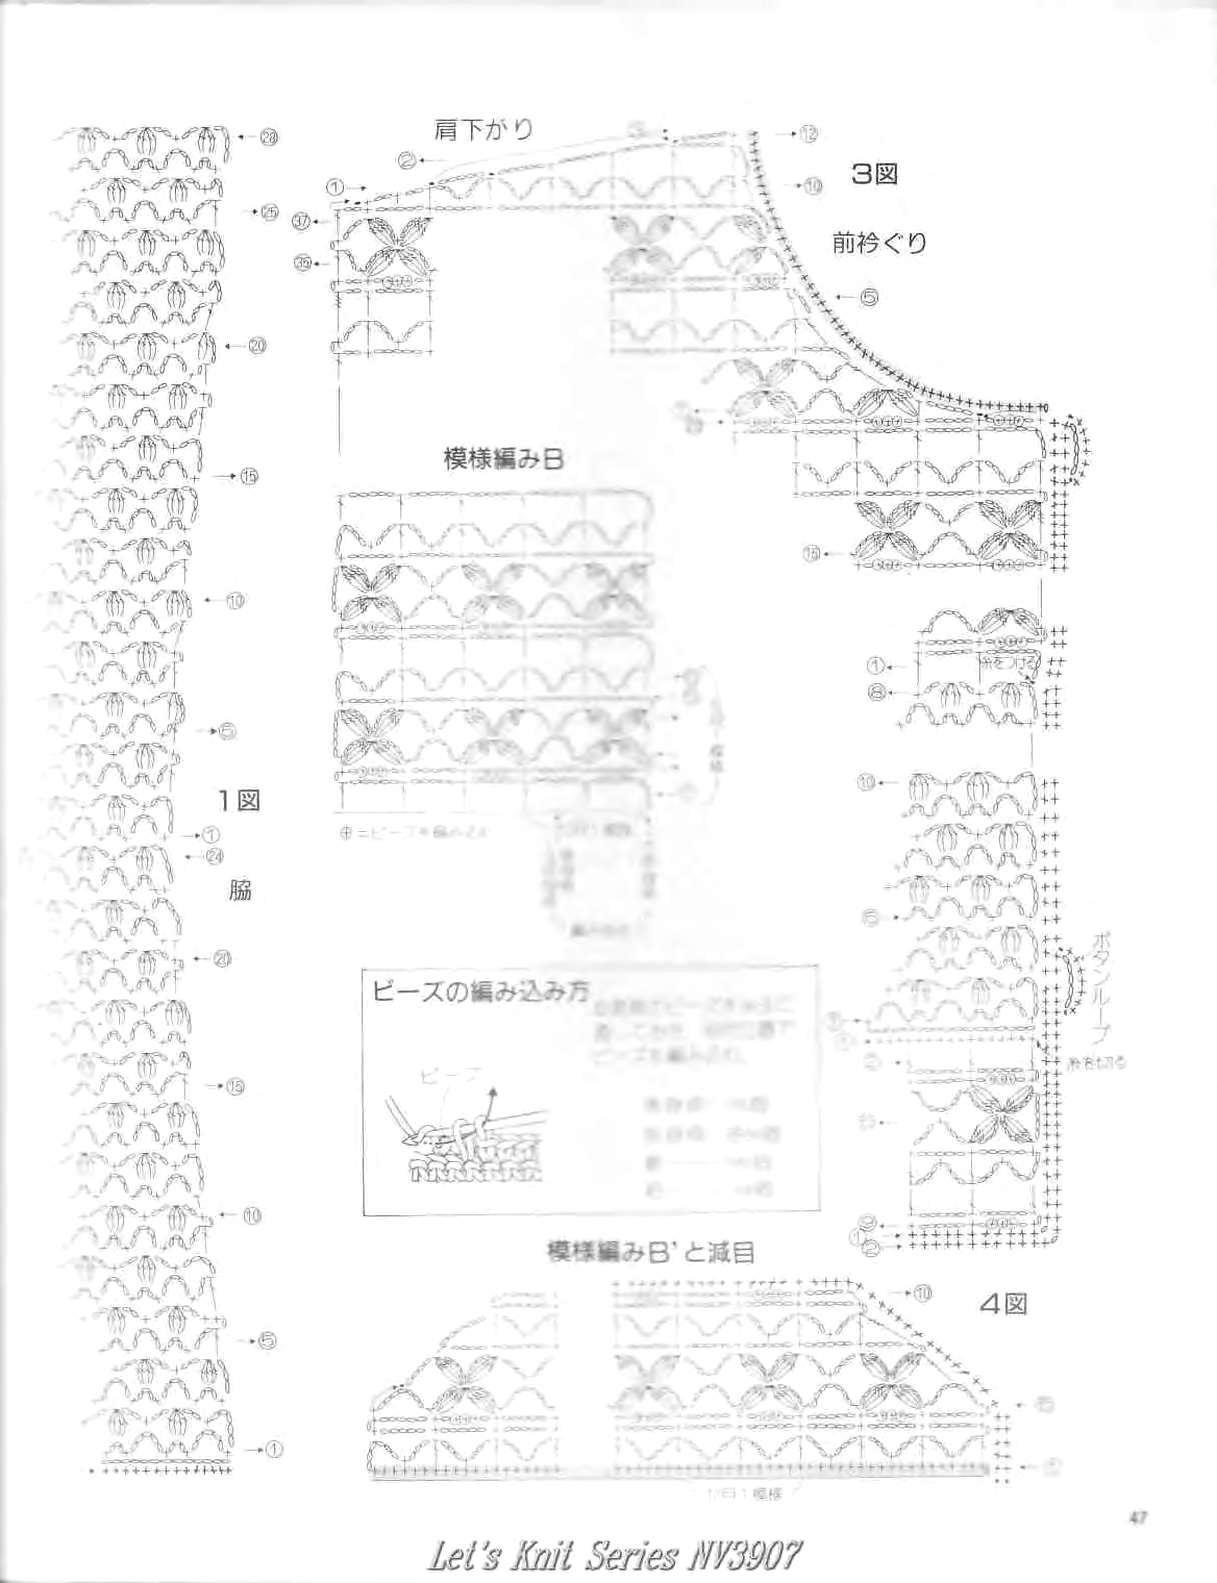 0242_Let_s_knit_series_NV3907_2001_kr_12 (3)